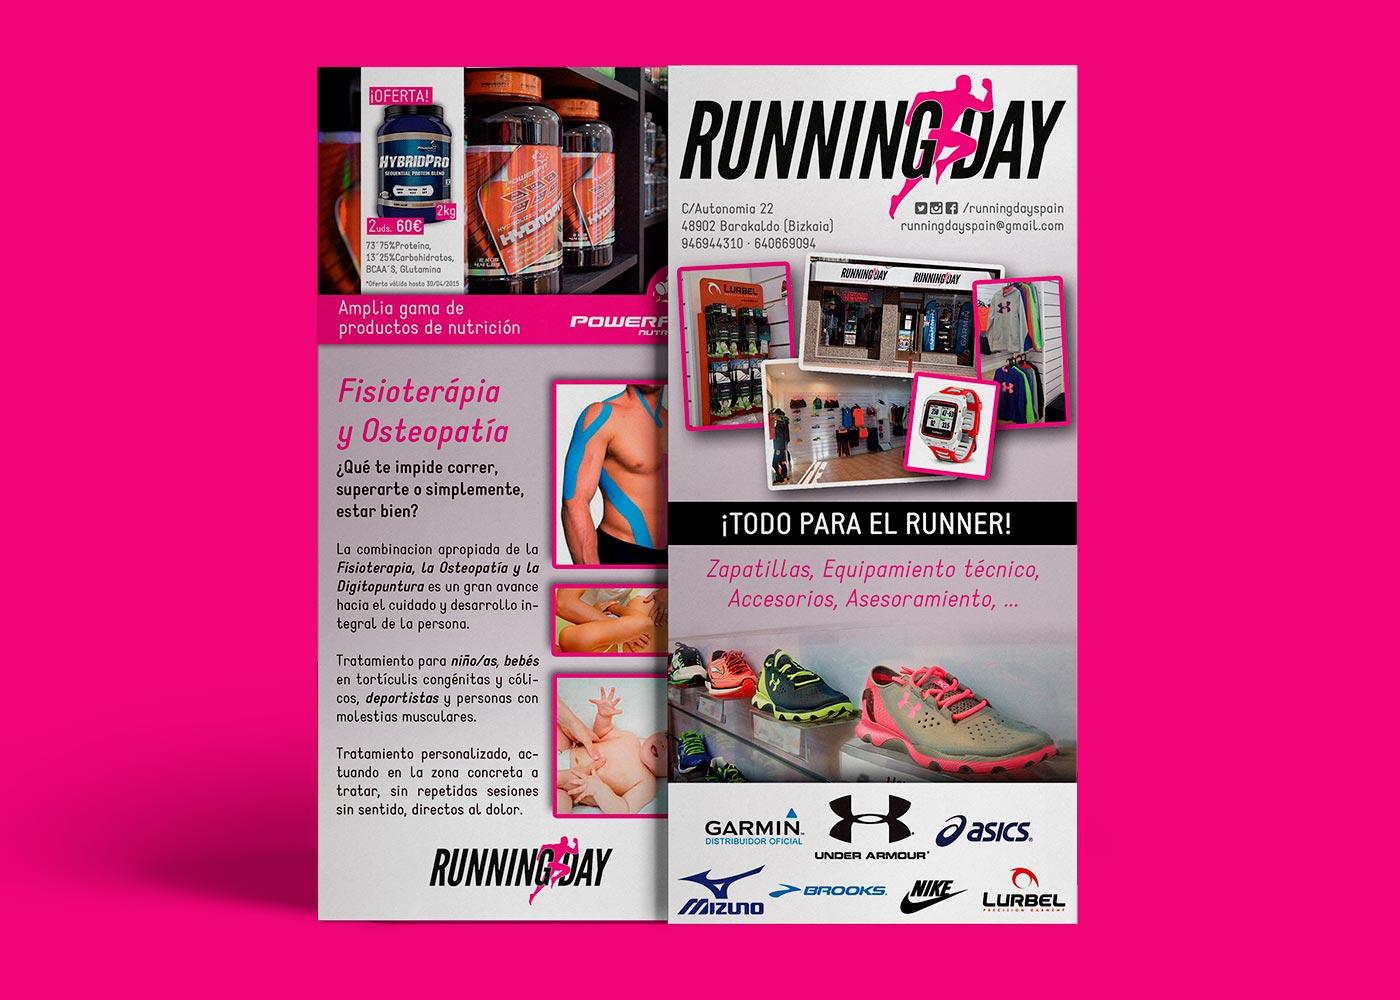 Runningday